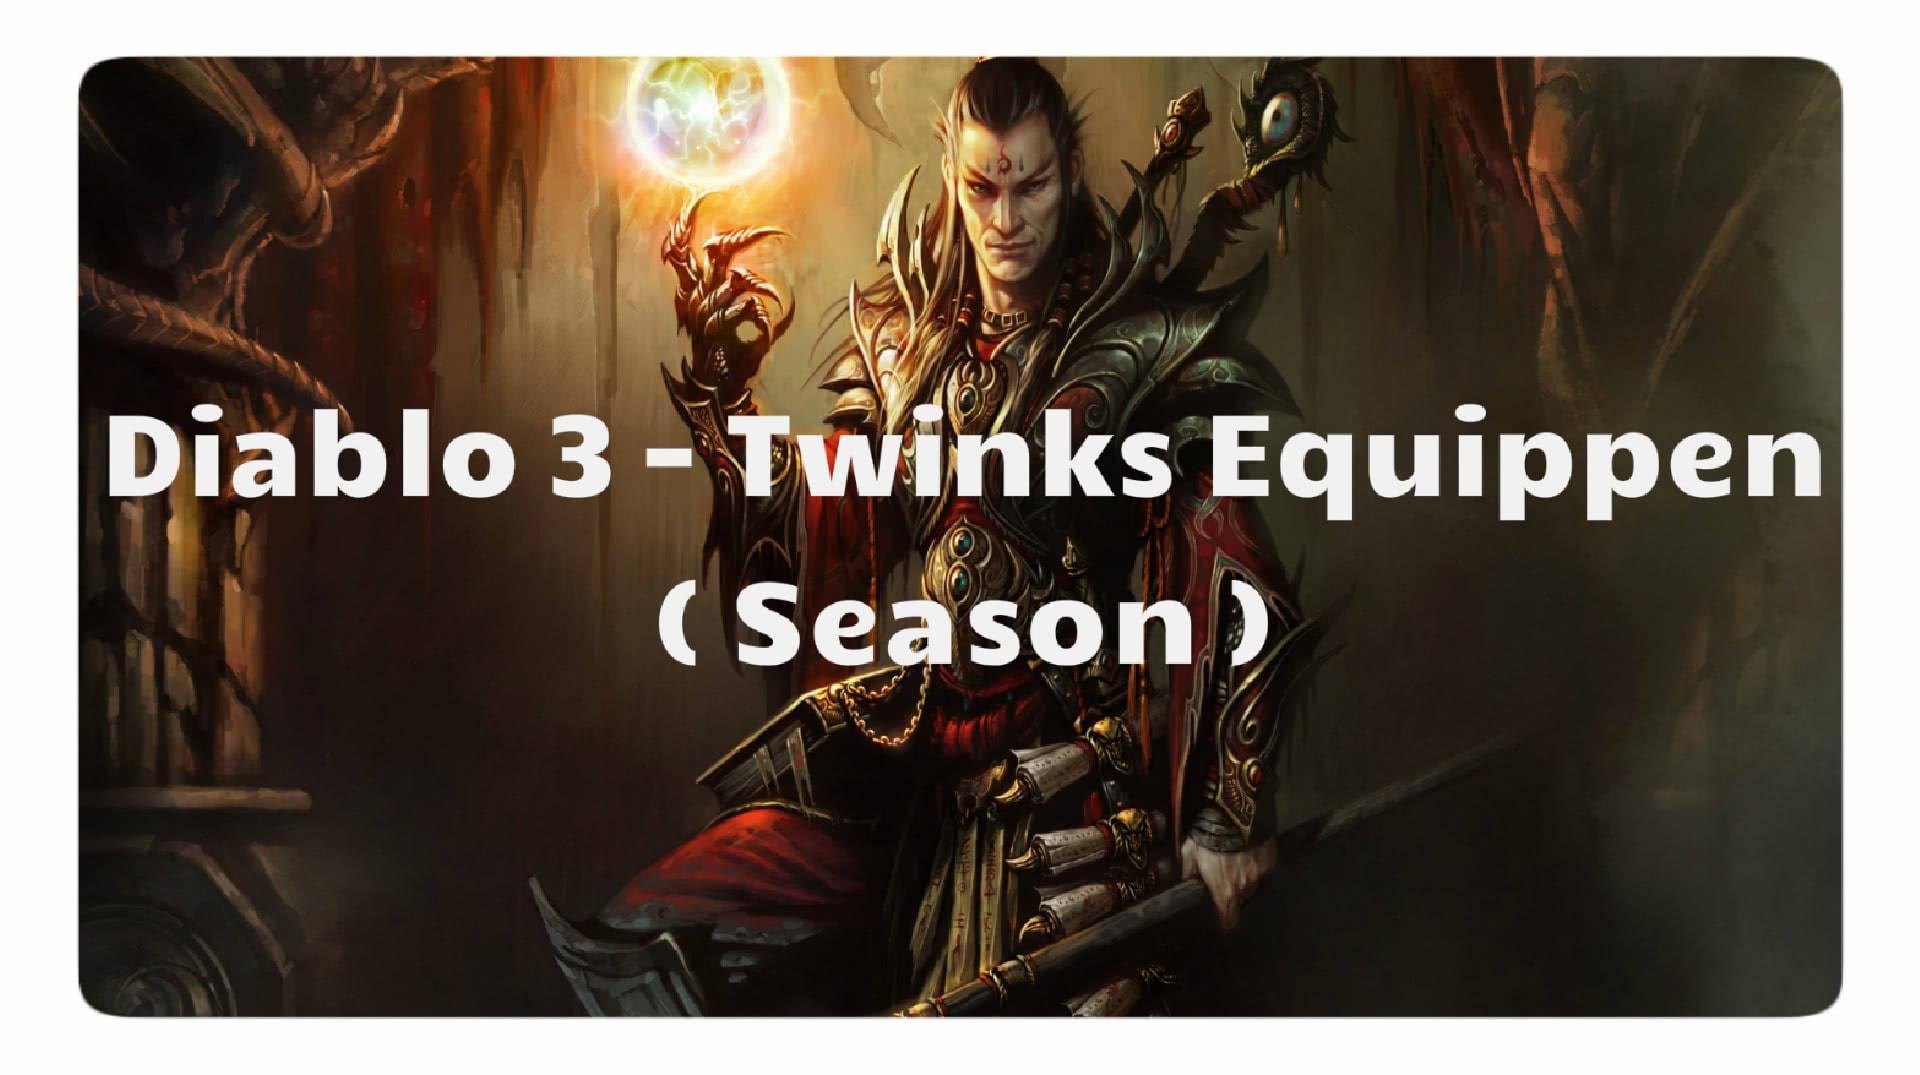 Diablo 3: Twinks Equippen